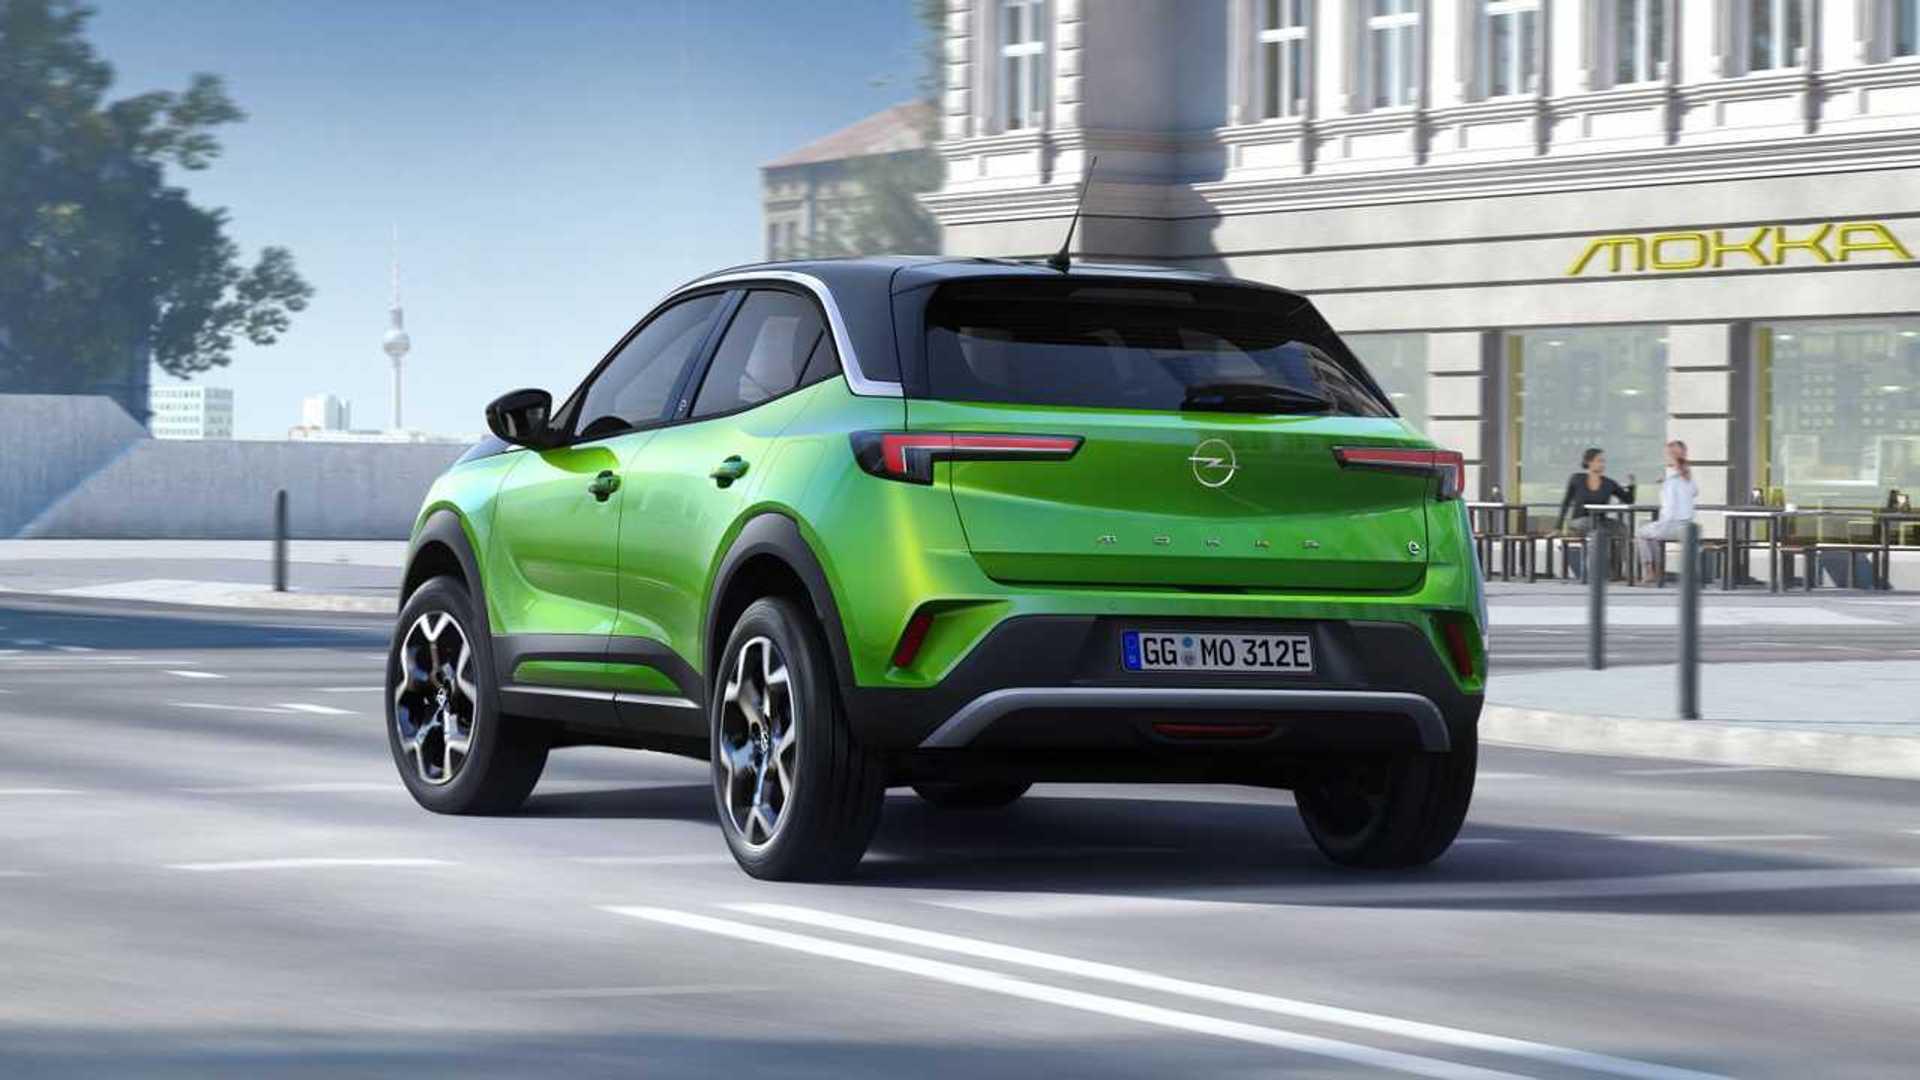 Este E O Novo Opel Mokka E Um Suv Eletrico Com Autonomia De 322 Km